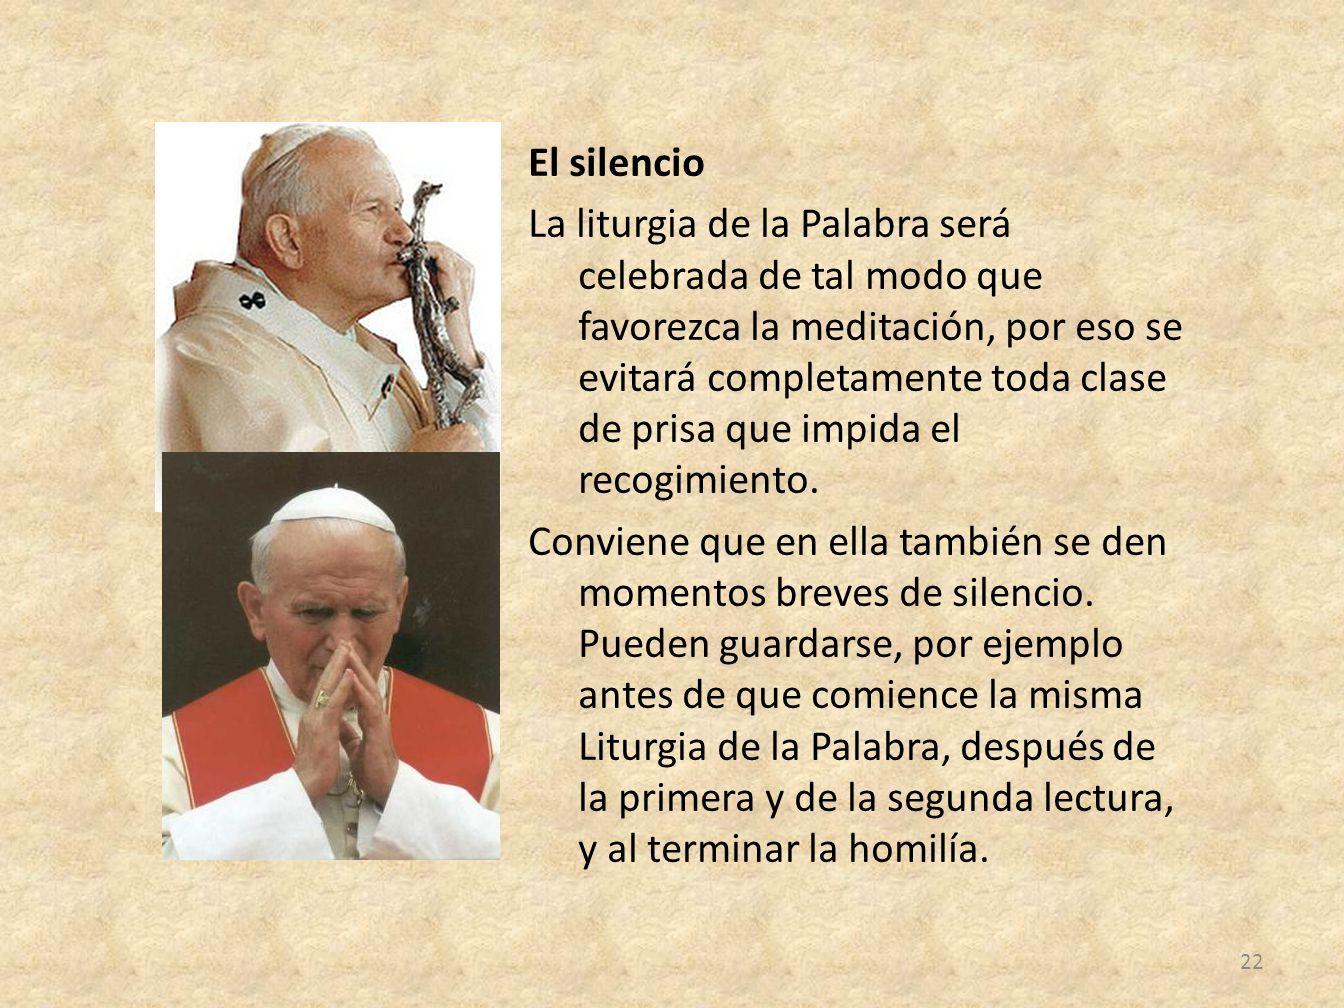 El silencio La liturgia de la Palabra será celebrada de tal modo que favorezca la meditación, por eso se evitará completamente toda clase de prisa que